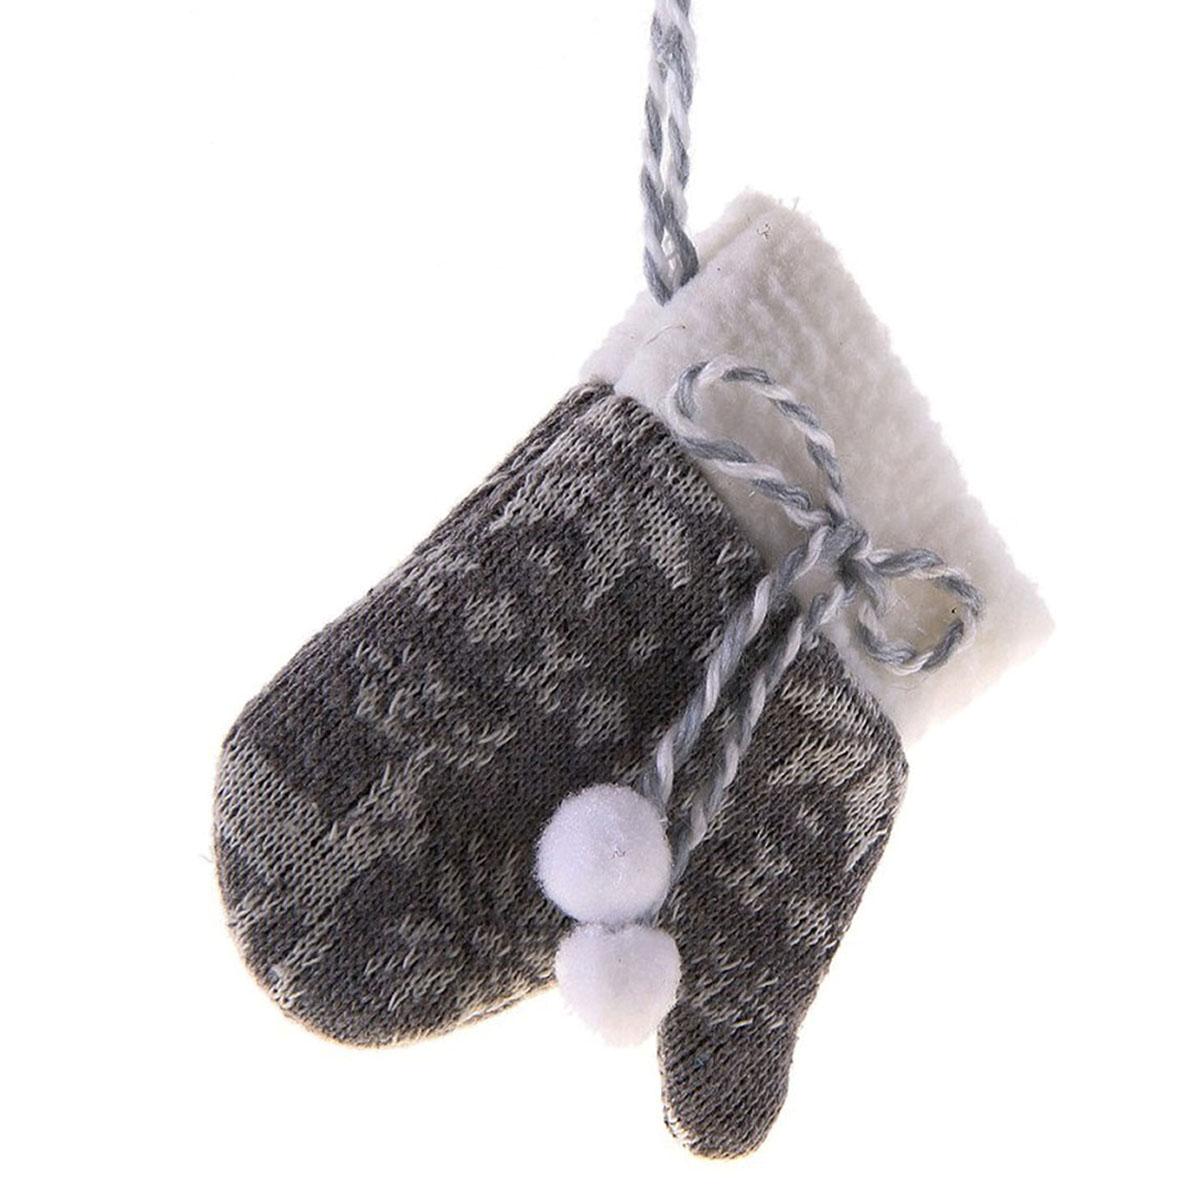 Новогоднее подвесное украшение Sima-land Варежка, цвет: серый. 685963685963Новогоднее украшение Sima-land Варежка отлично подойдет для декорации вашего дома и новогодней ели. Игрушка выполнена из текстиля в виде вязаной варежки, декорированной оригинальным орнаментом и завязками. Украшение оснащено текстильной петелькой для подвешивания. Елочная игрушка - символ Нового года. Она несет в себе волшебство и красоту праздника. Создайте в своем доме атмосферу веселья и радости, украшая всей семьей новогоднюю елку нарядными игрушками, которые будут из года в год накапливать теплоту воспоминаний. Коллекция декоративных украшений из серии Зимнее волшебство принесет в ваш дом ни с чем не сравнимое ощущение праздника!